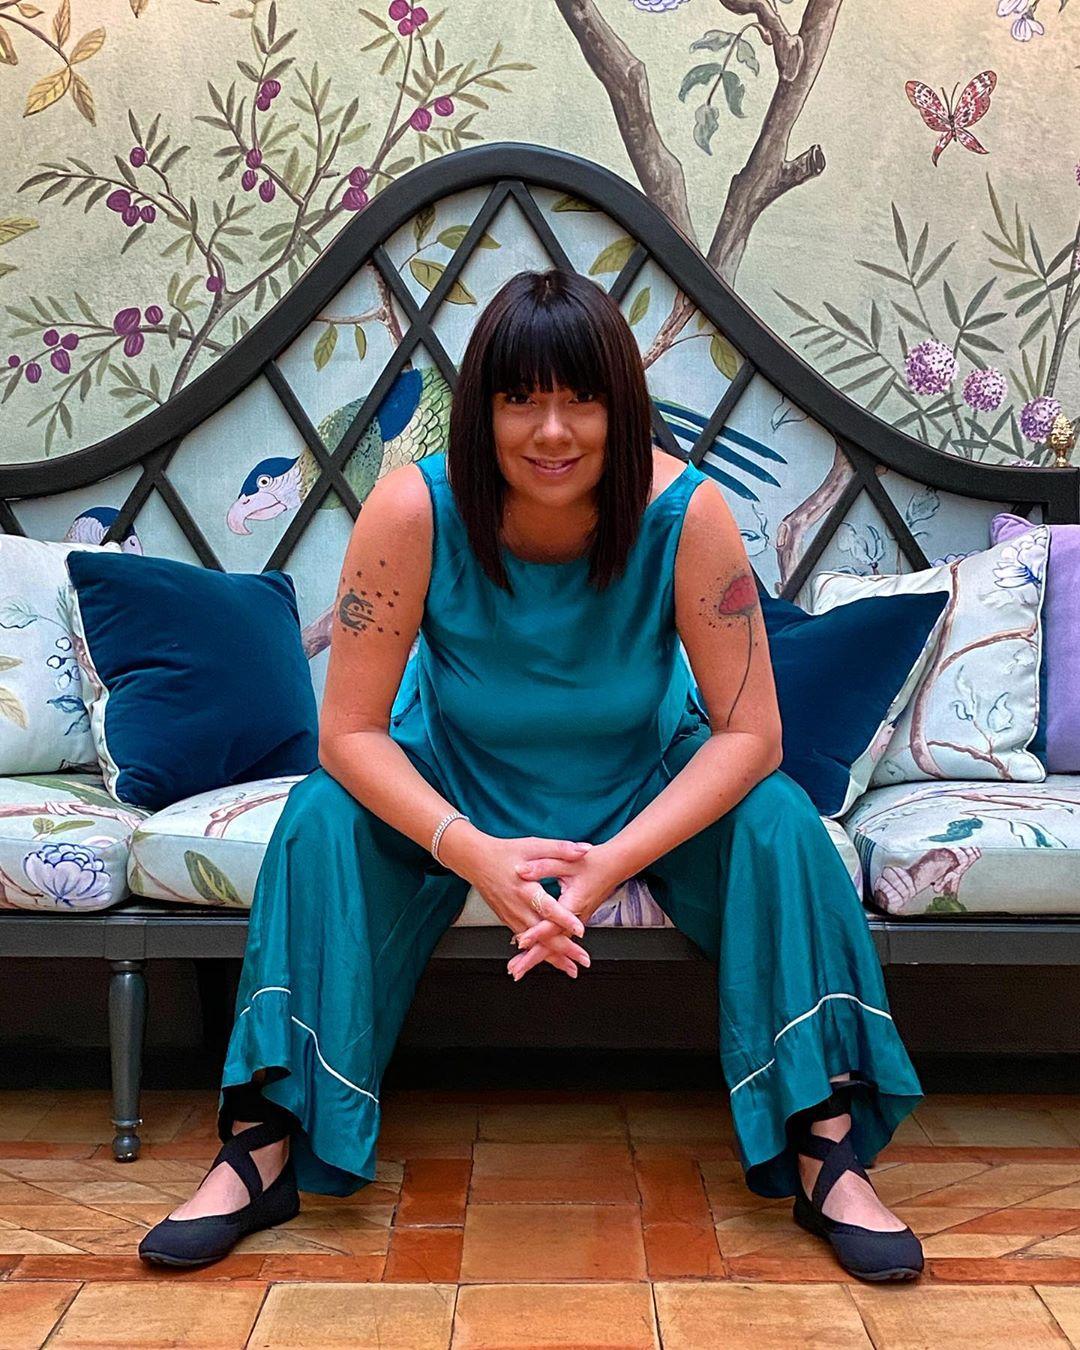 Cristina Fogazzi, l'Estetista Cinica che aiuta le donne a sentirsi bene con se stesse, nel loro corpo